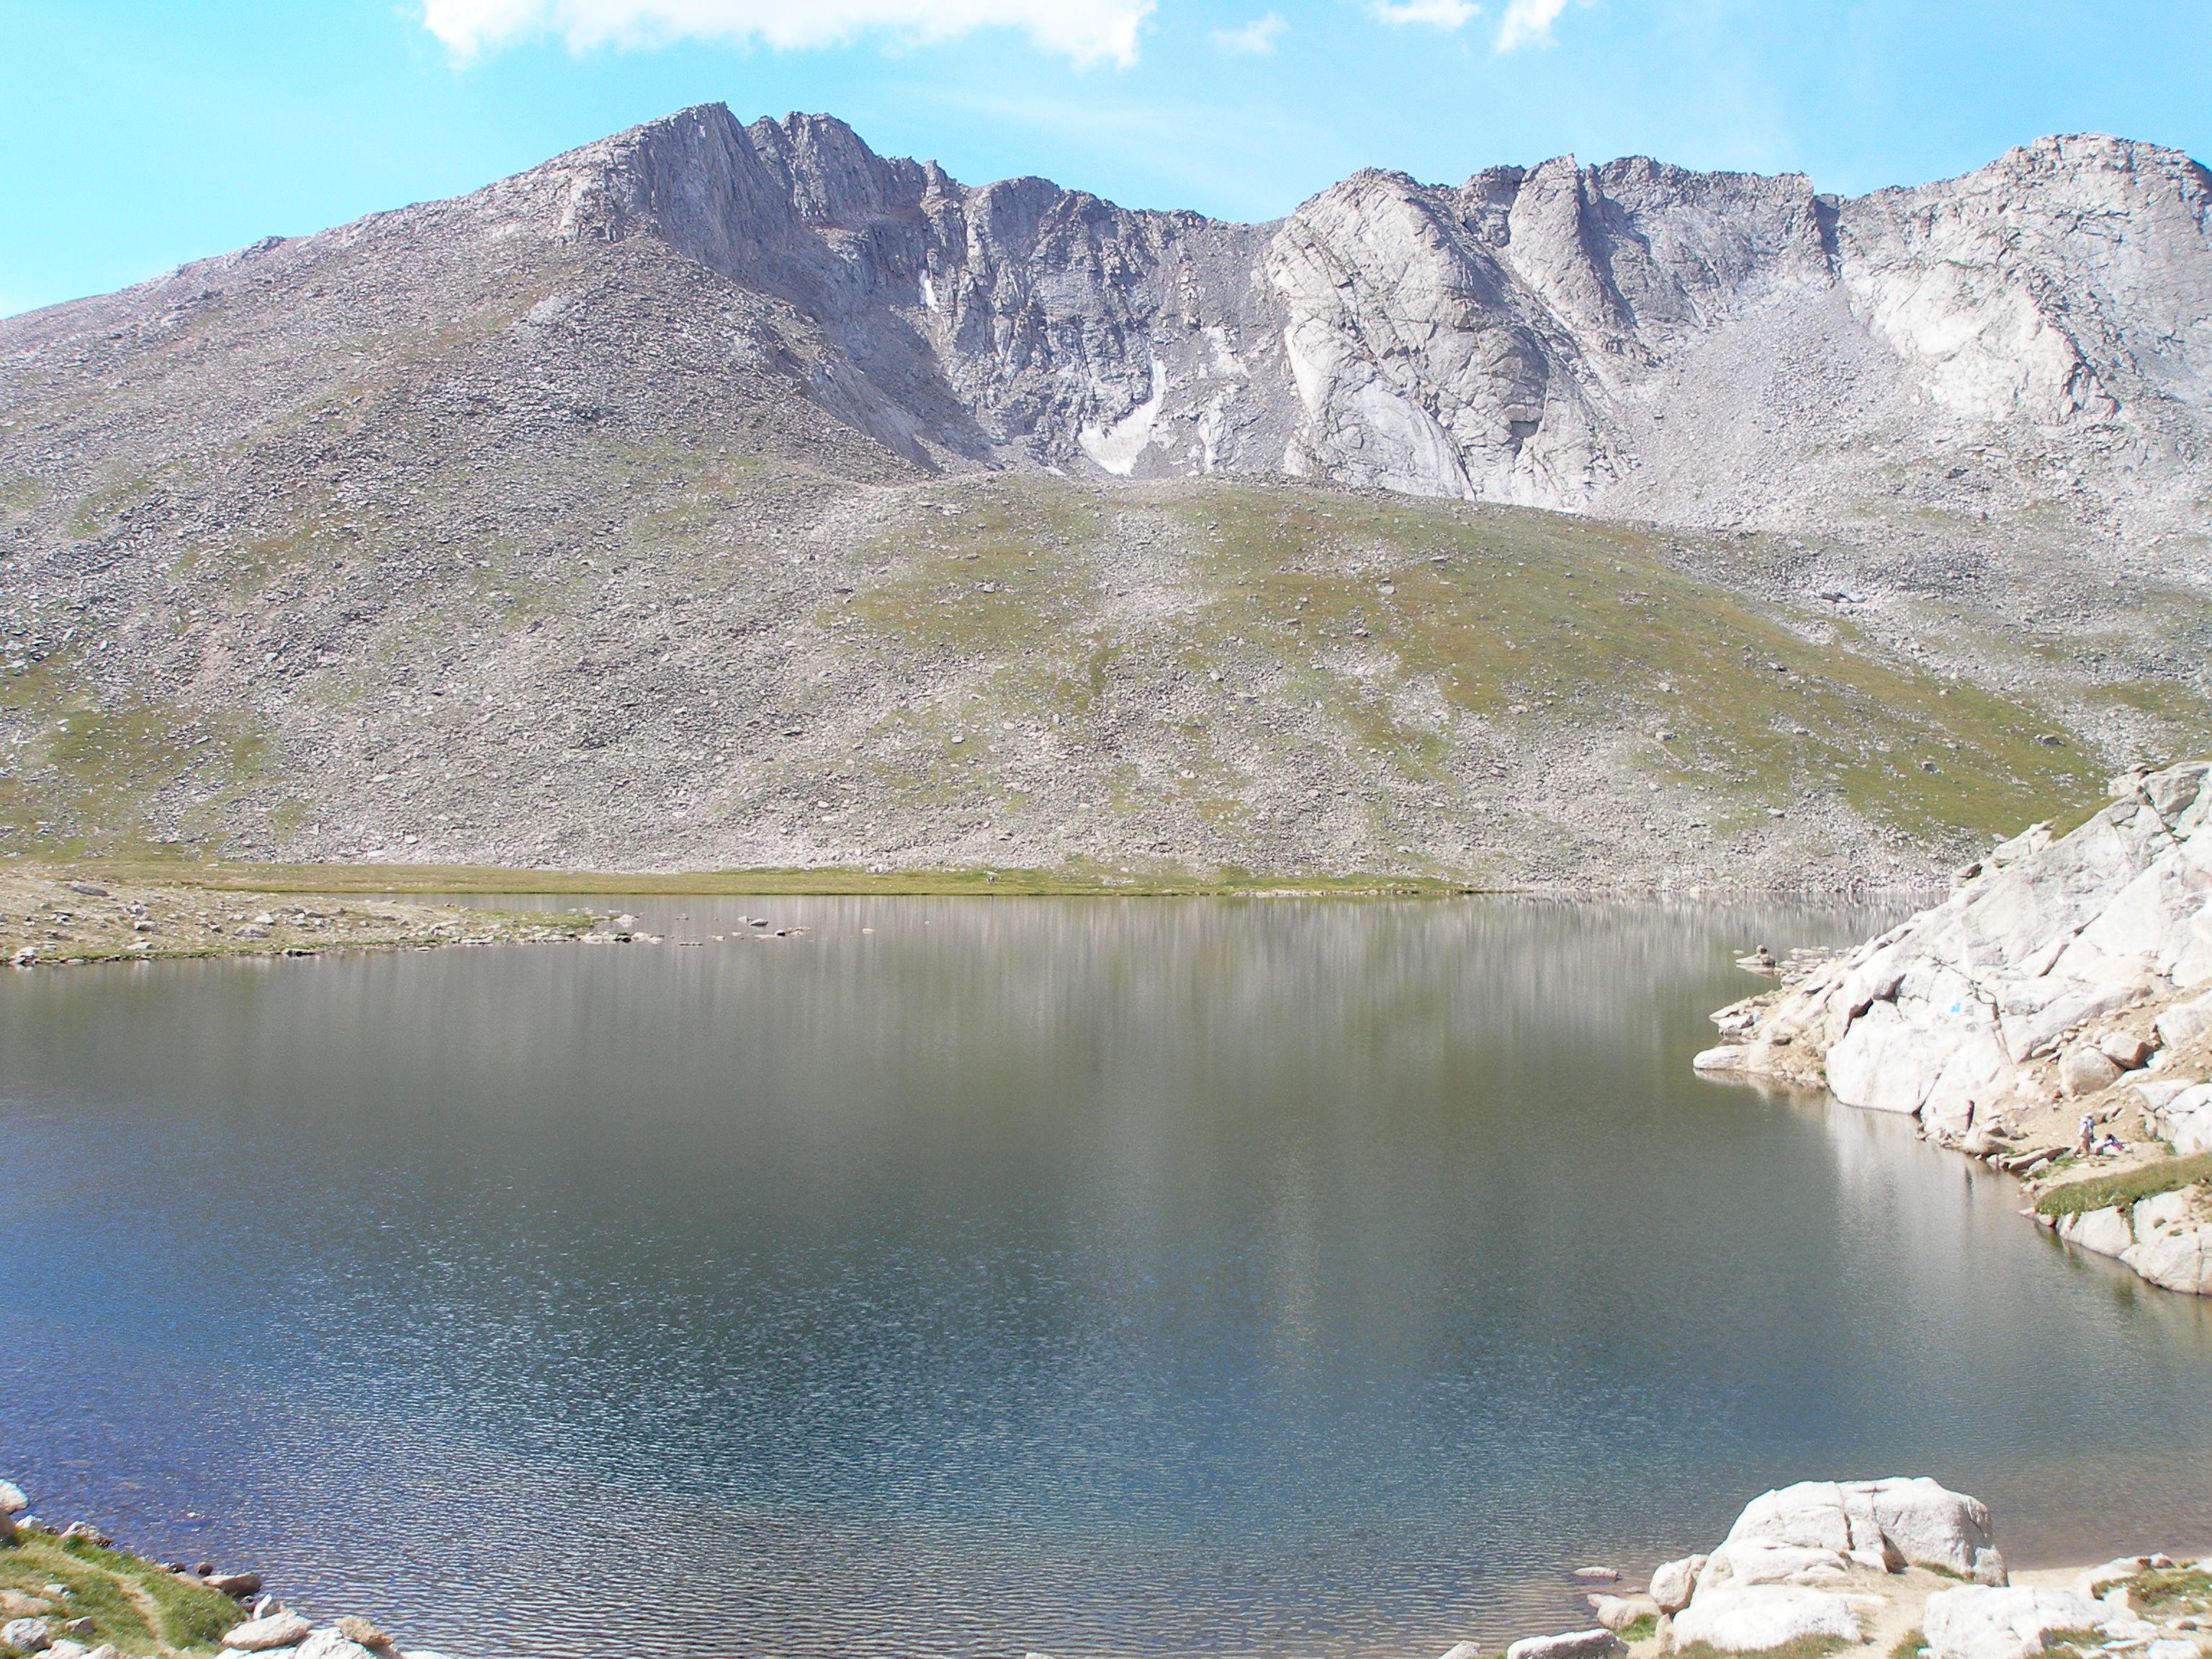 Mt. Evans- Summit Lake detail image